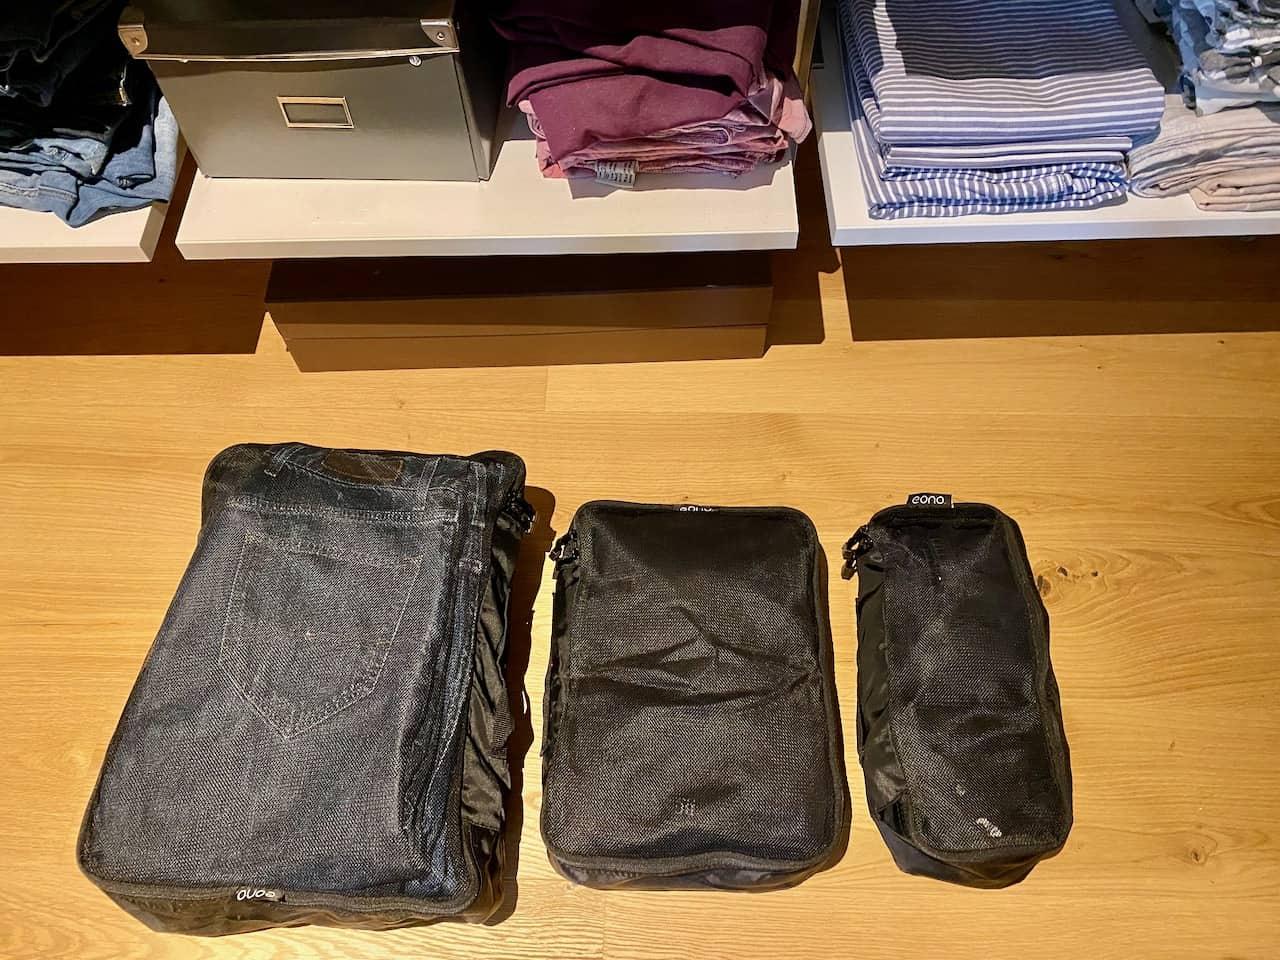 Packtaschen-Kompressiontaschen-Kleider-Packwürfel-vom-Kleiderschrank-ins-Wohnmobil